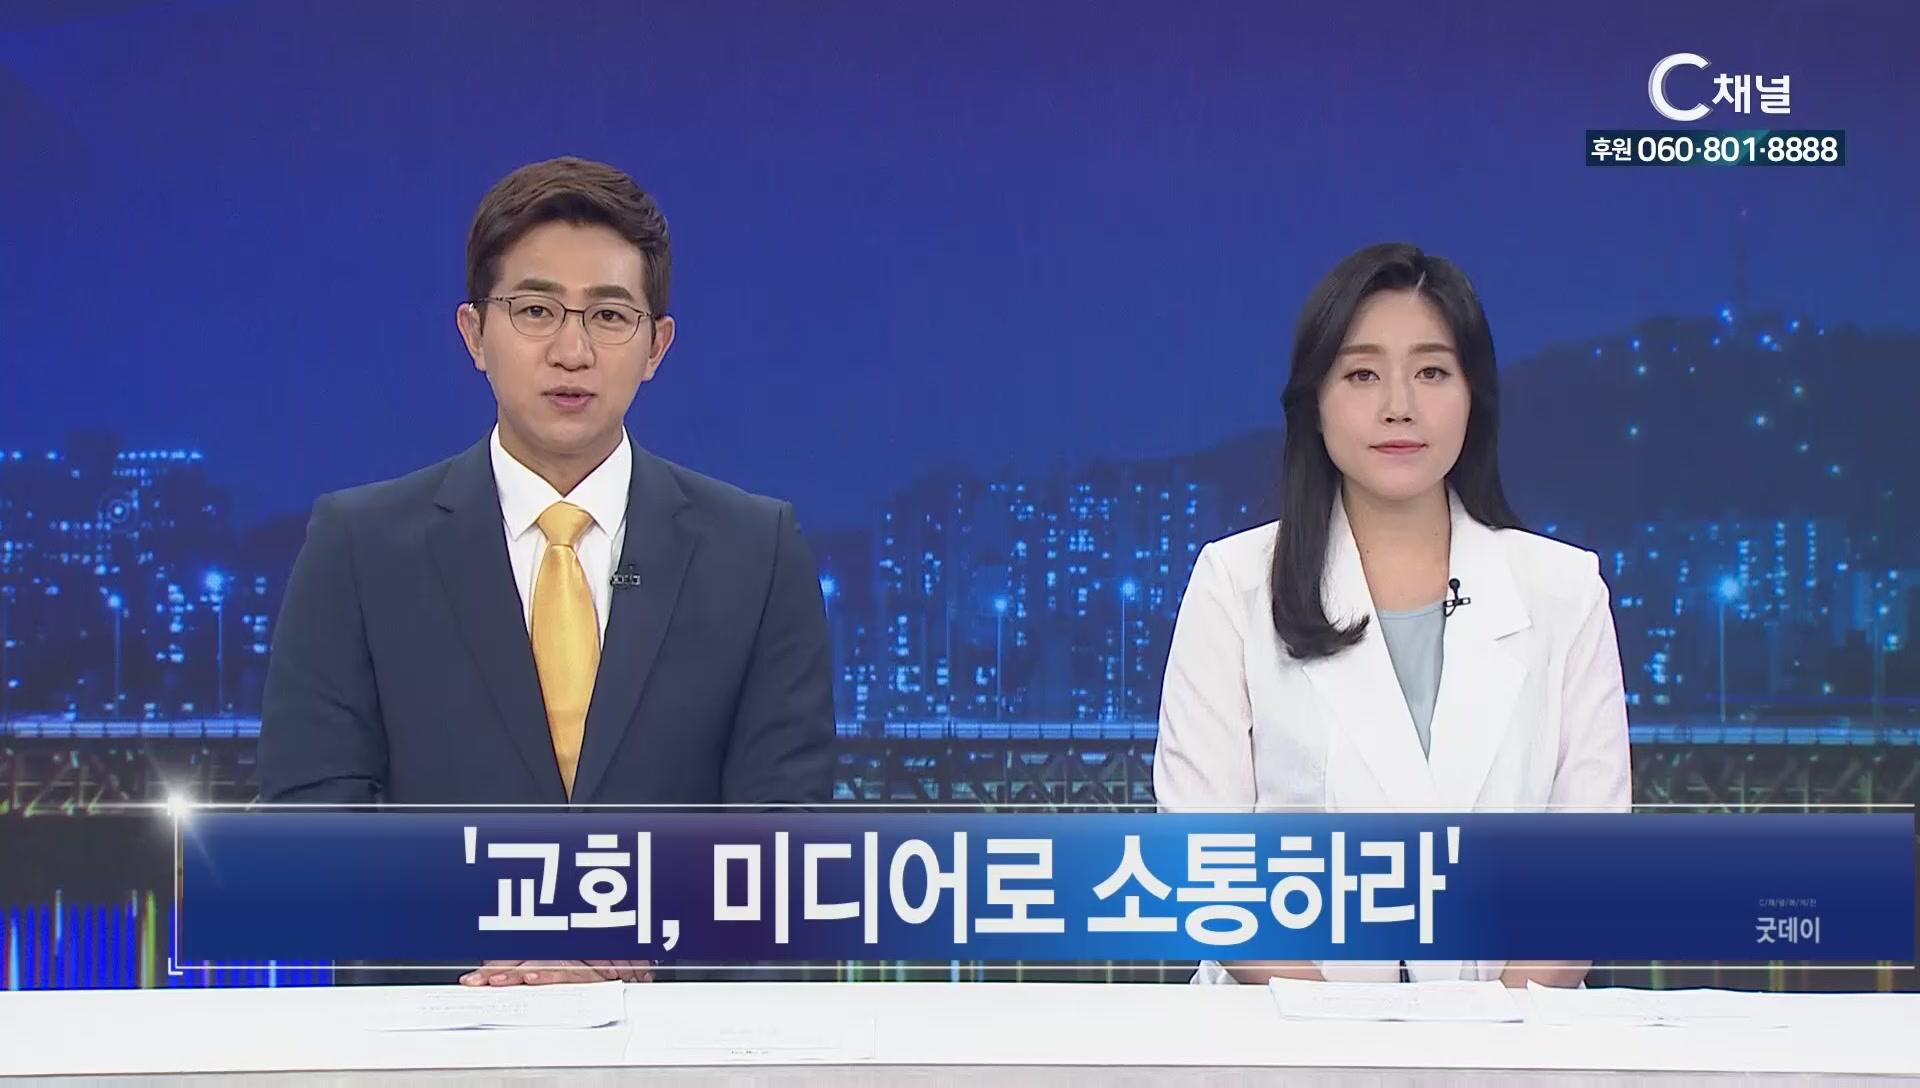 [C채널 매거진 굿데이] 2019년 8월 22일 C채널 뉴스